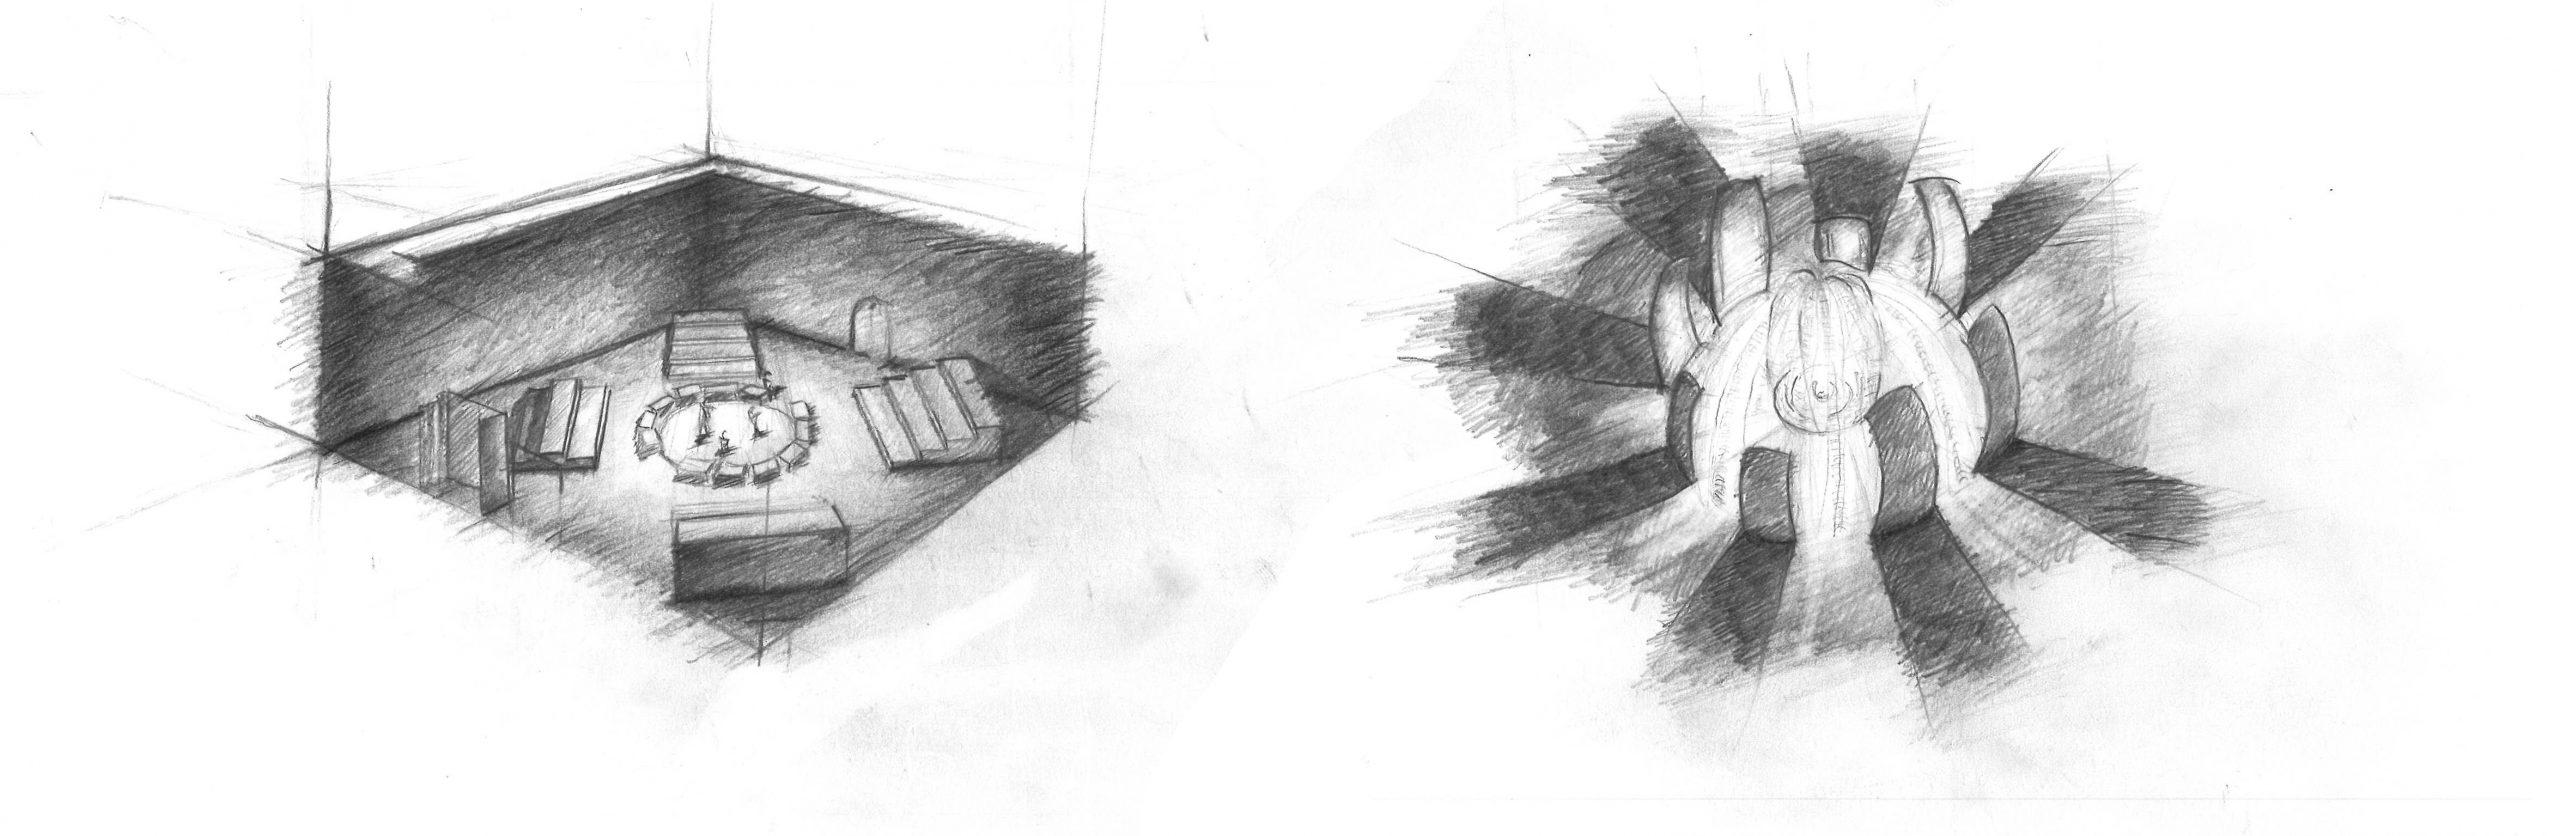 Projekt Parzival Zeichnung Arena